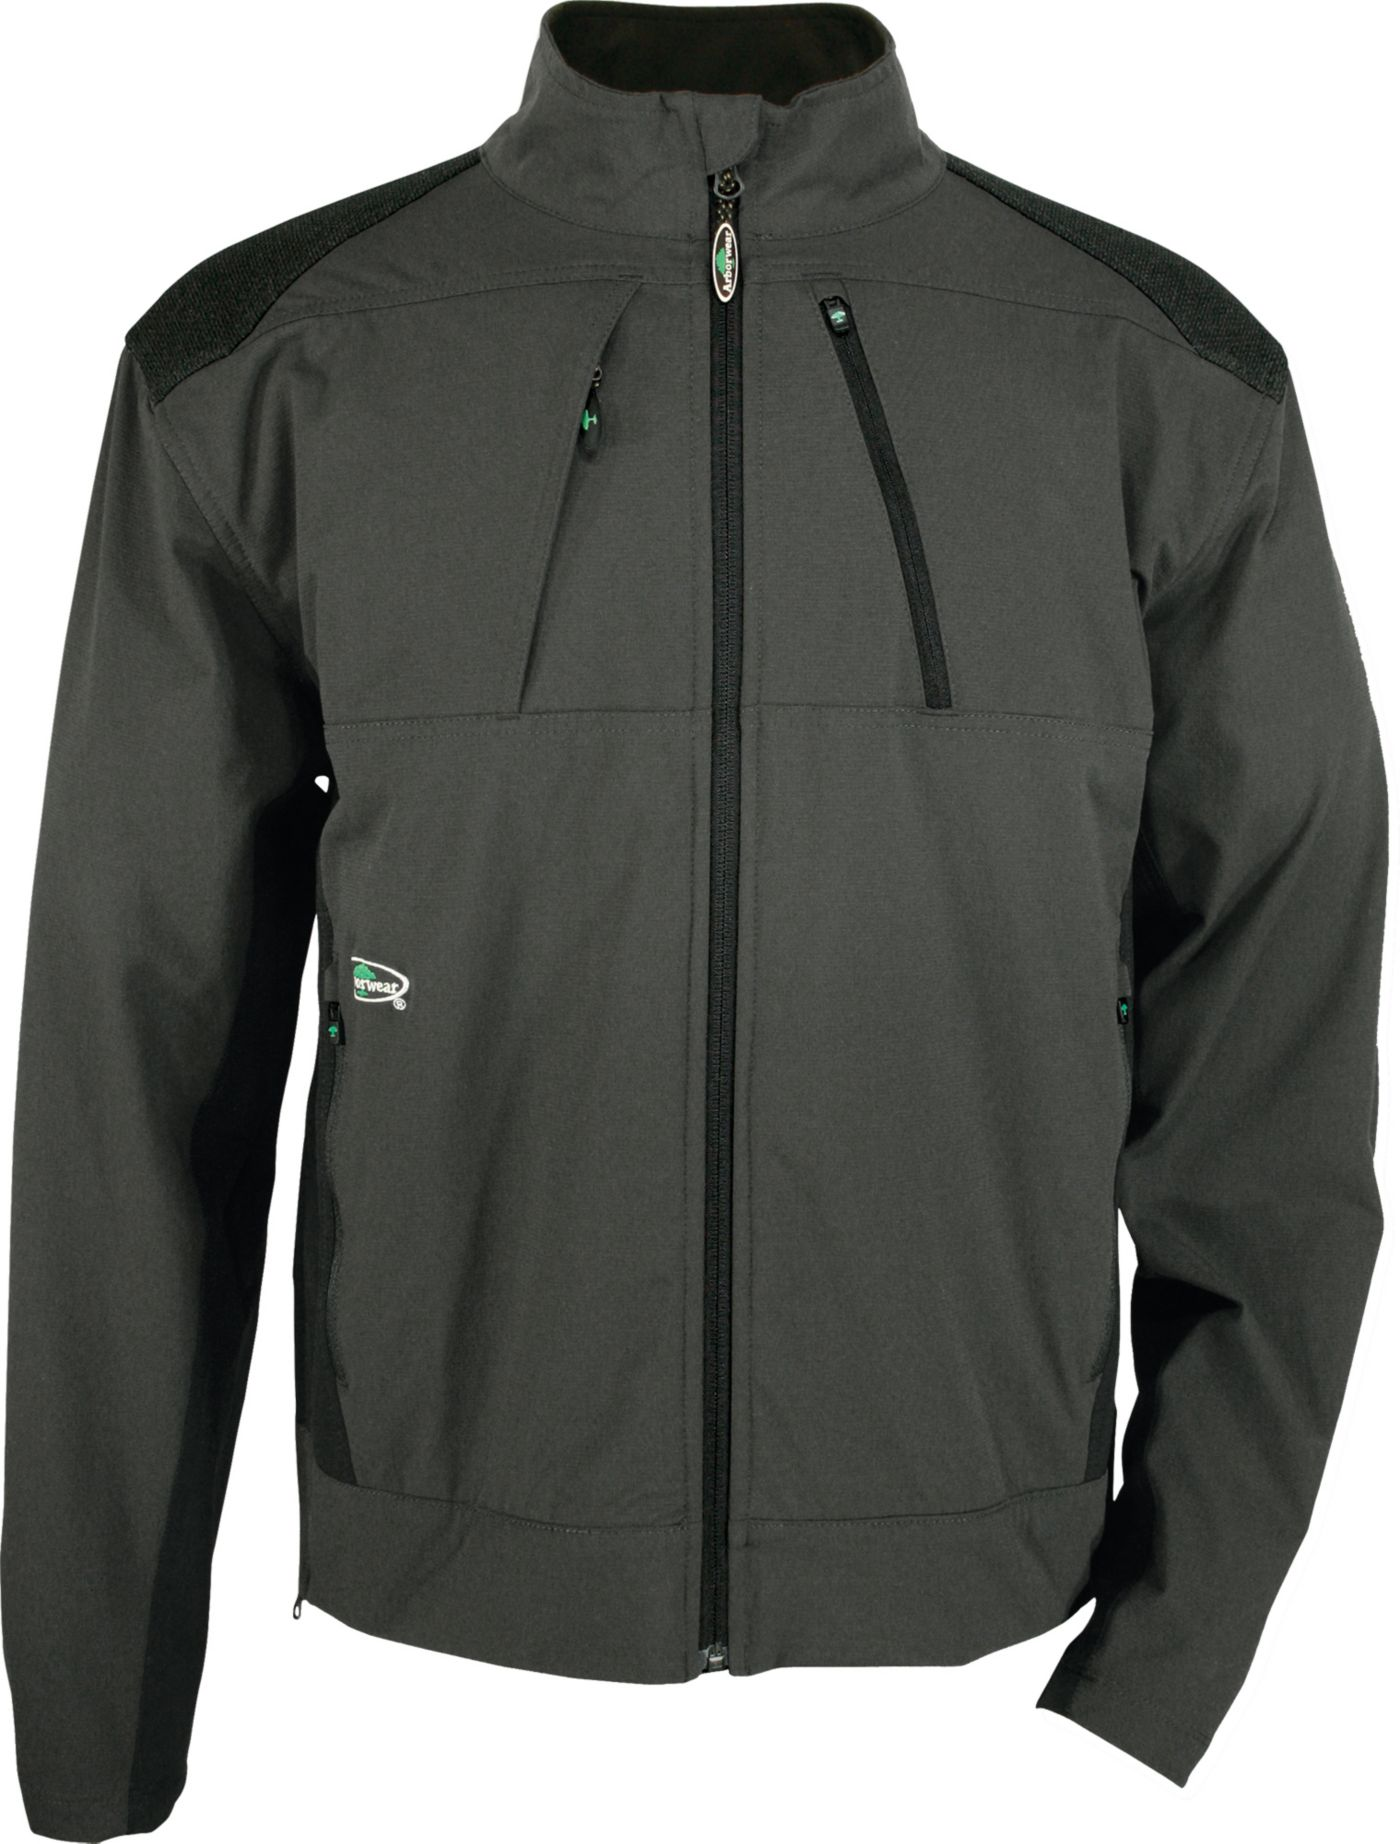 Arborwear Men's Ascender Jacket